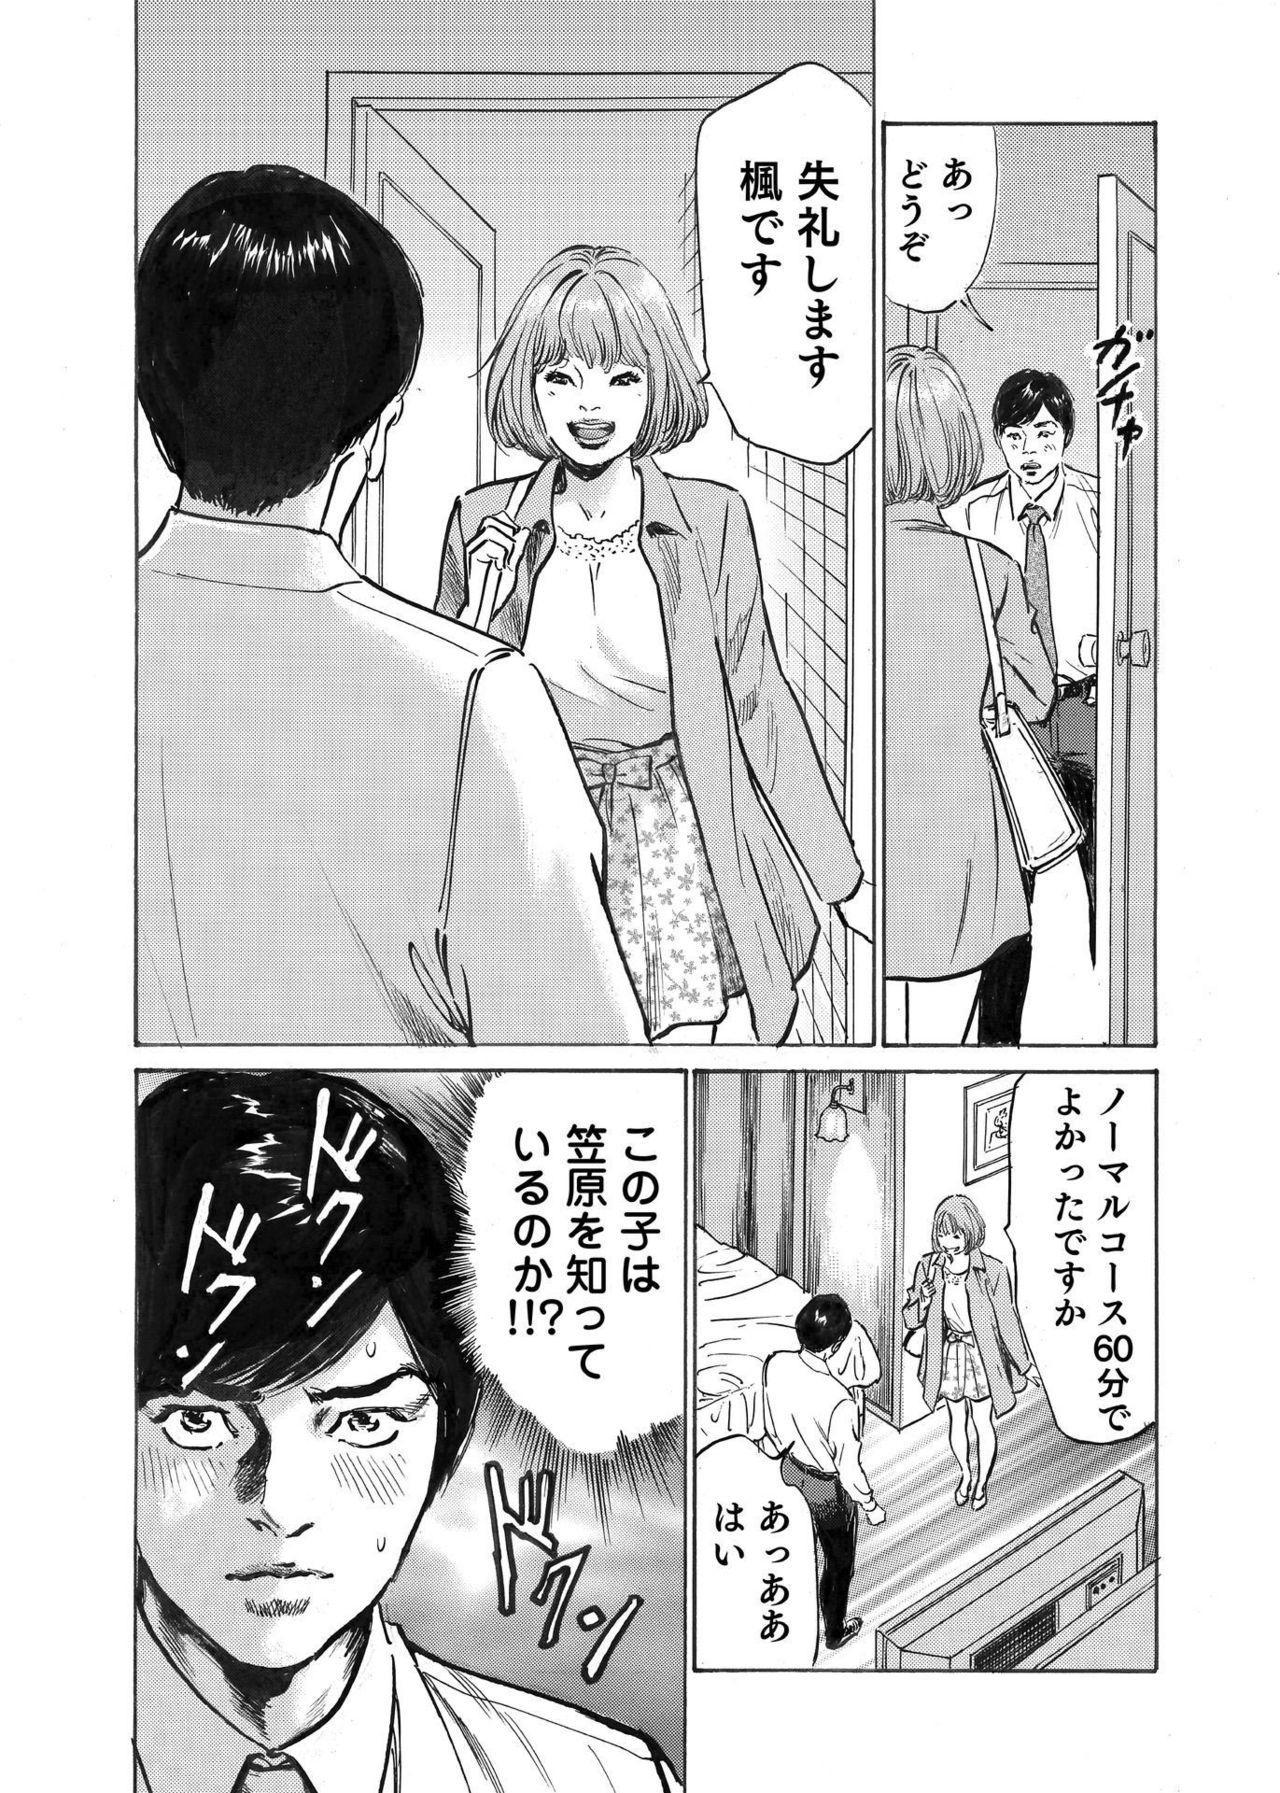 Ore wa Tsuma no Koto o Yoku Shiranai 1-9 106